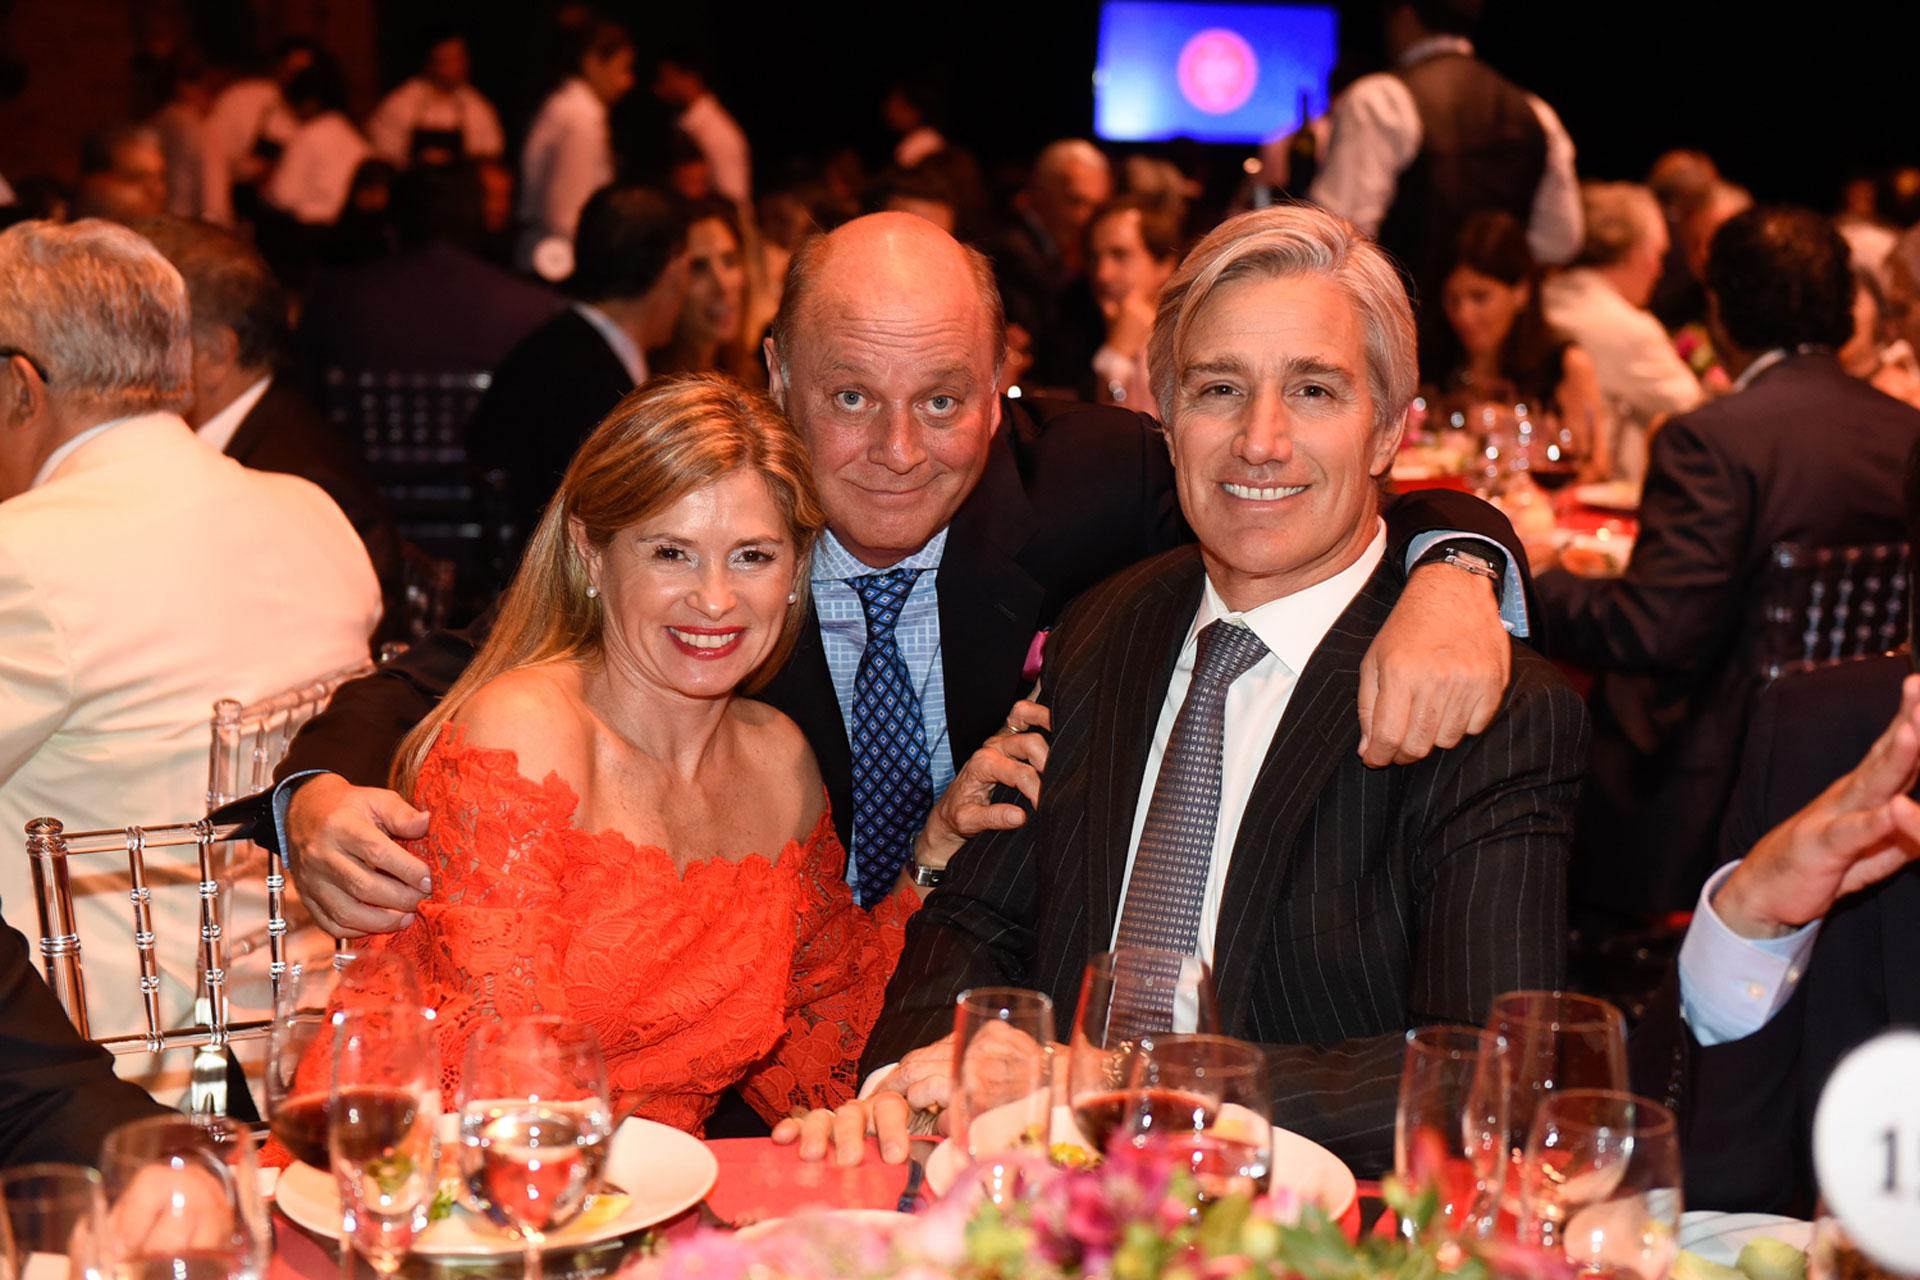 La senadora nacional, María Laura Leguizamón, junto a su marido Marcelo Figueiras, presidente de Laboratorios Richmond, y Martín Cabrales